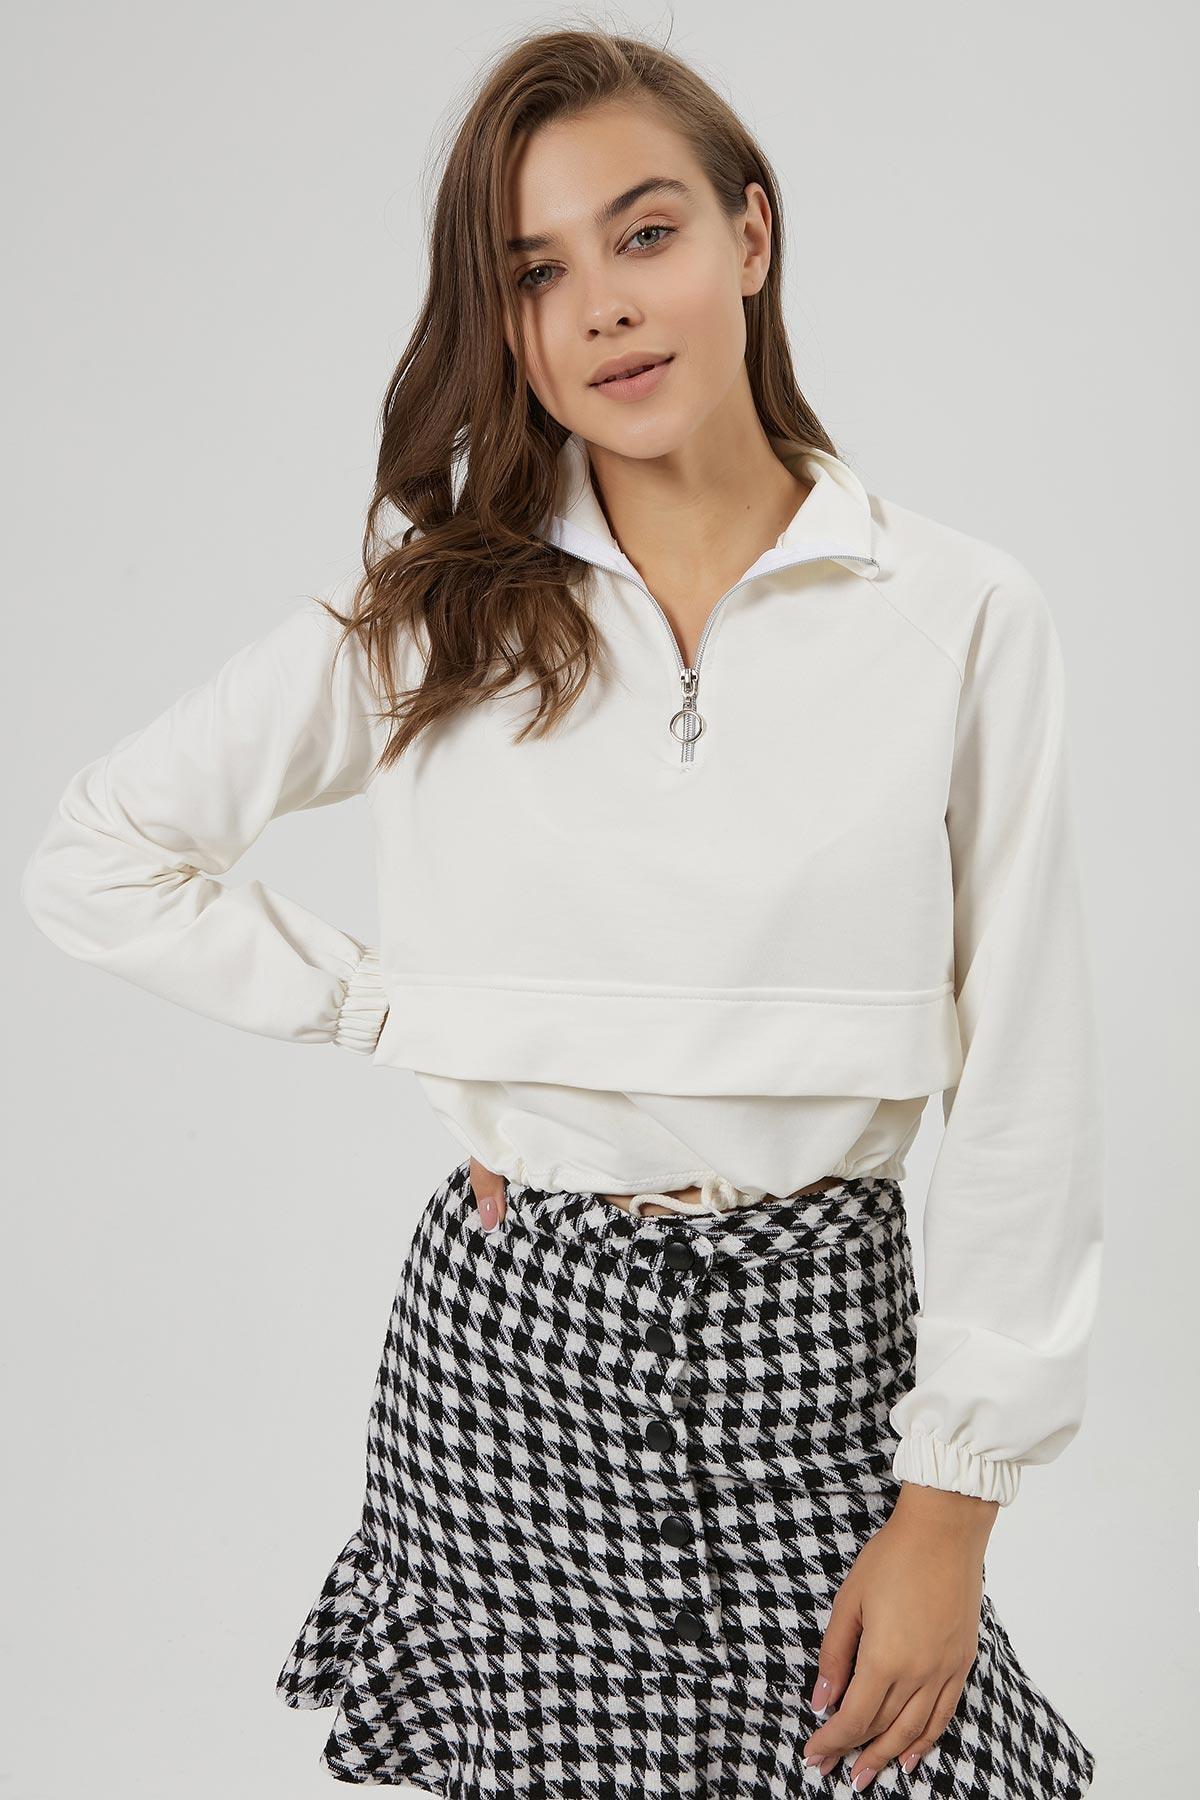 Pattaya Kadın Süs Kapak Cep Detaylı Crop Sweatshirt Y20w185-1301 1